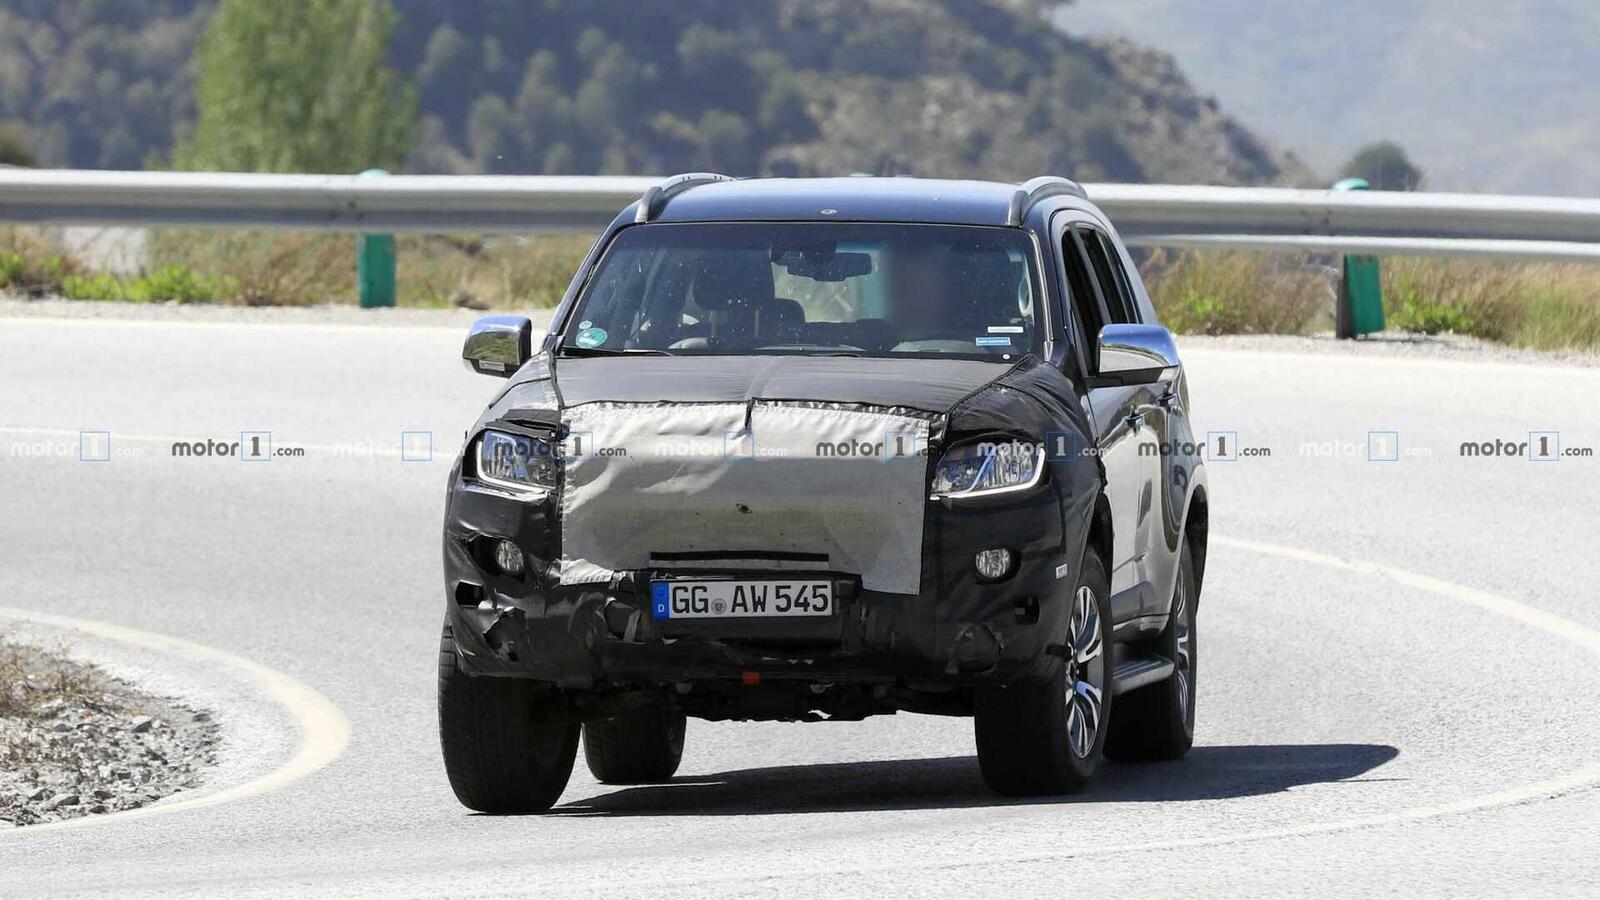 Chevrolet đang nâng cấp cho Trailblazer và có thể đưa về Mỹ trong tương lai gần - Hình 2